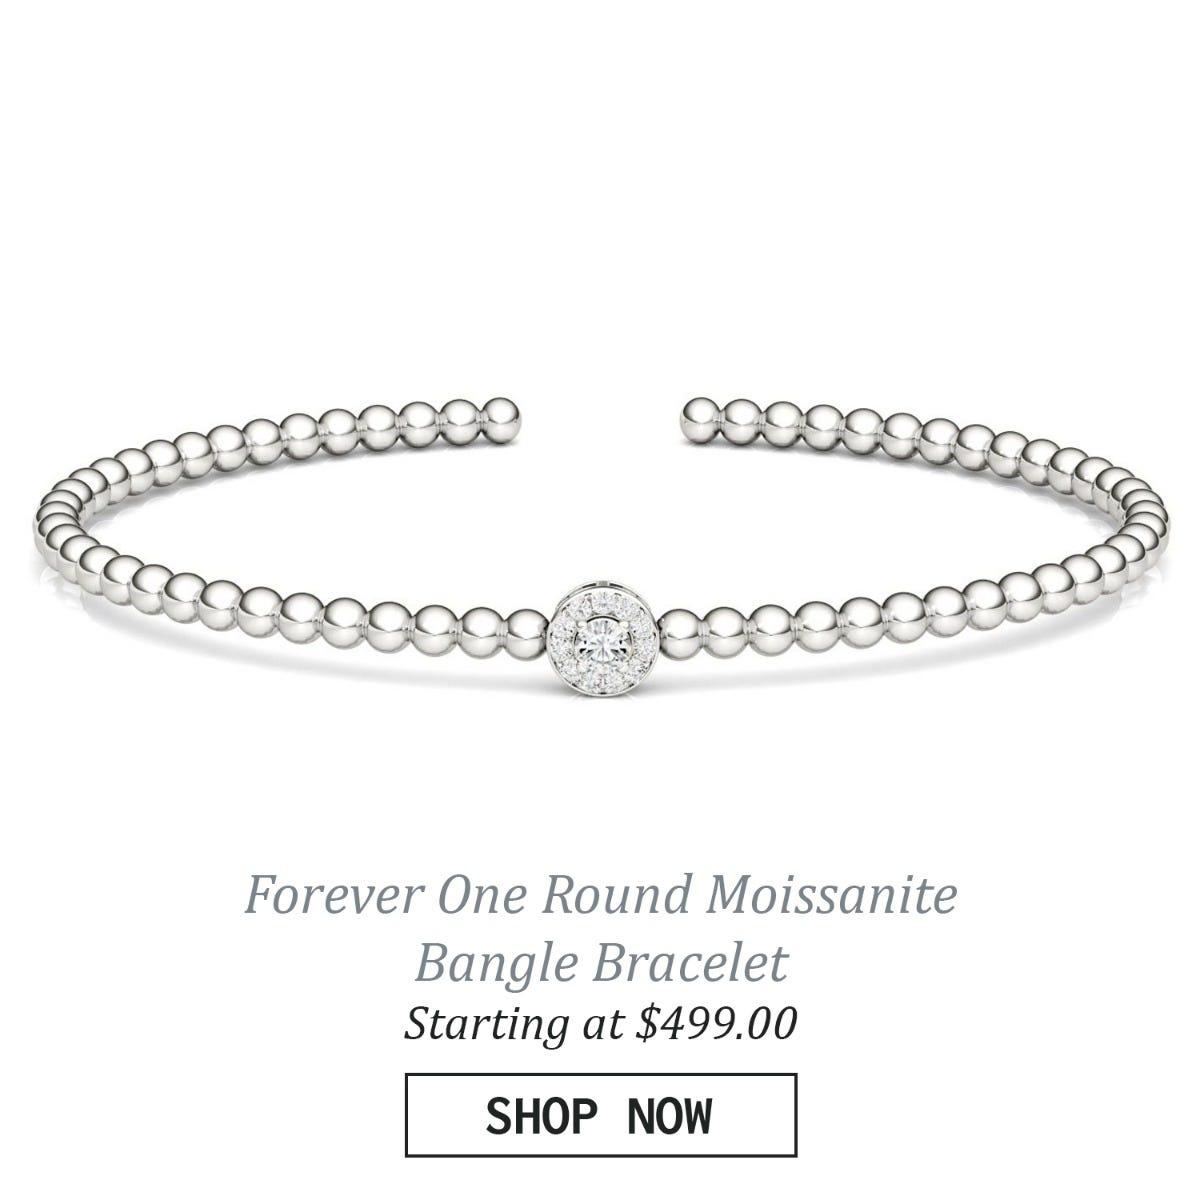 Forever One Round Moissanite Bangle Bracelet